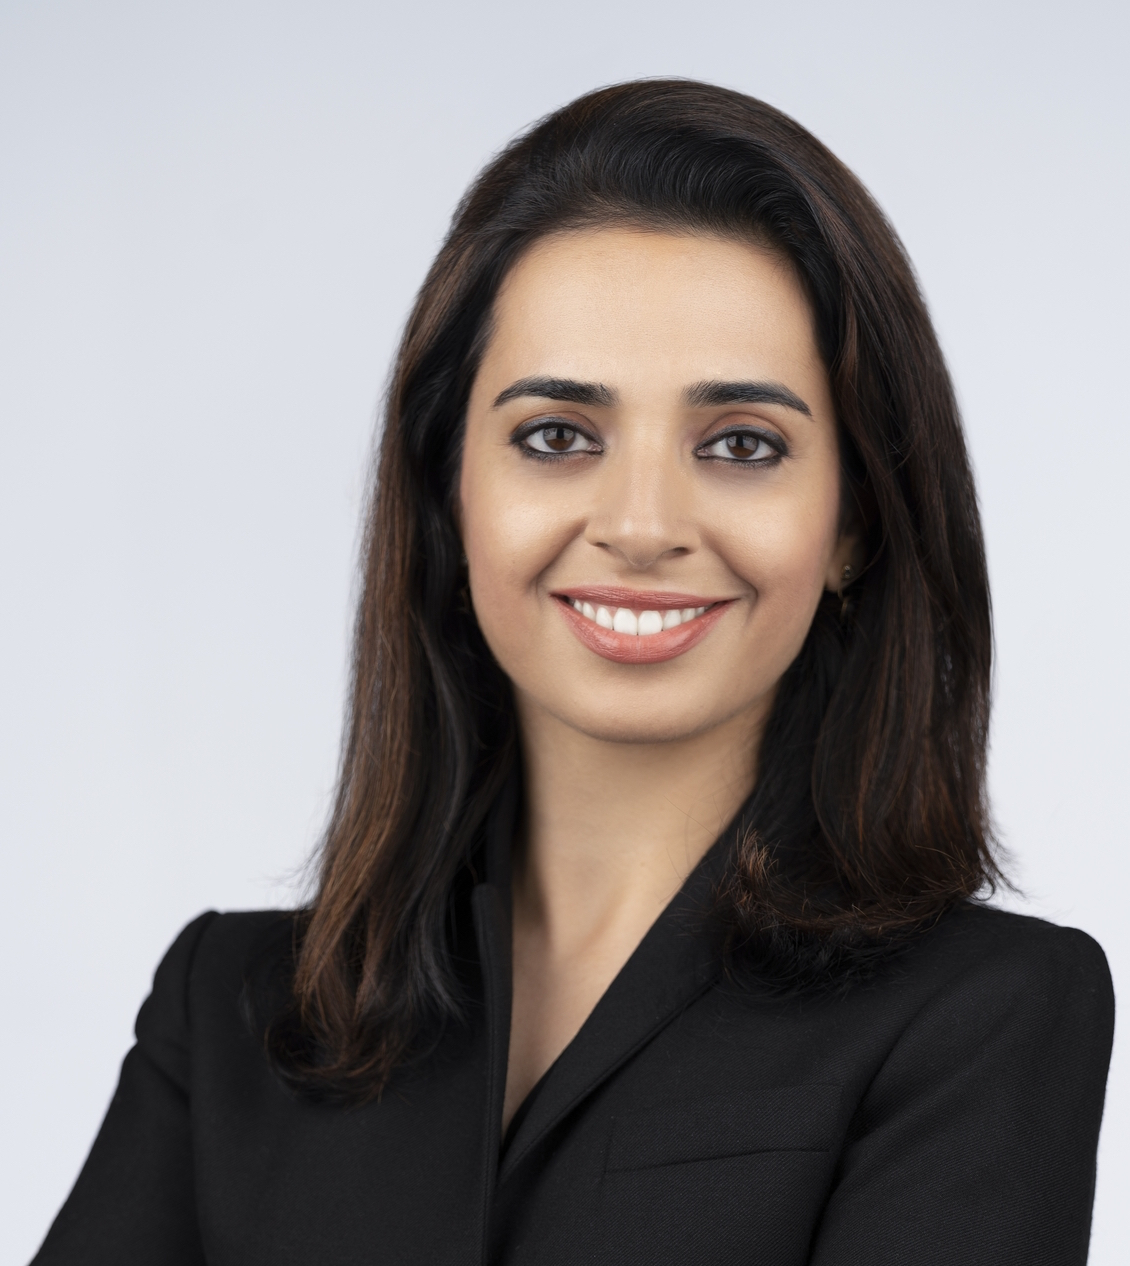 Madiha Afzal